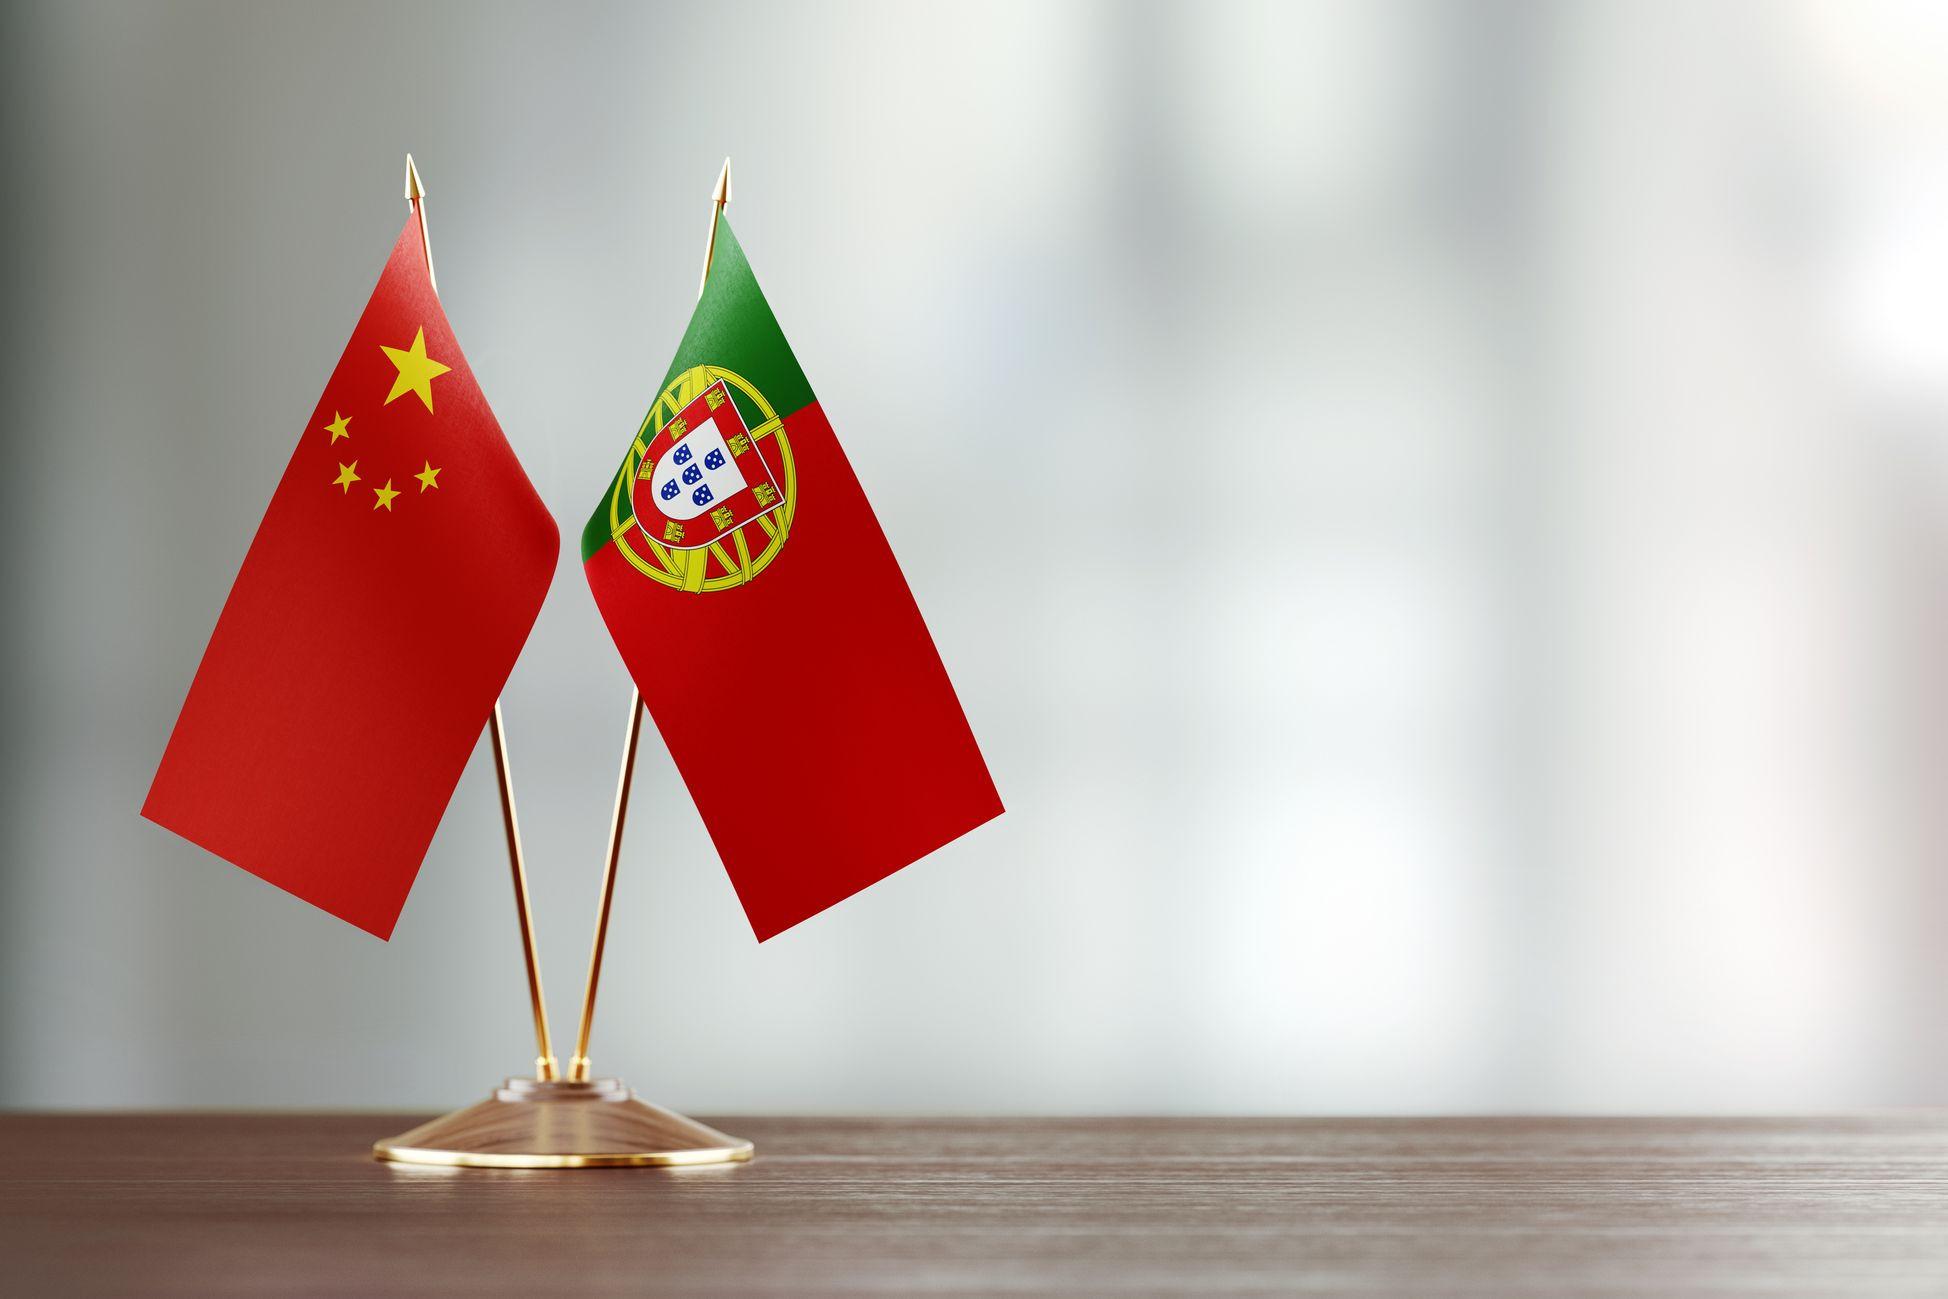 Portugal ultrapassa China e volta a liderar importações angolanas